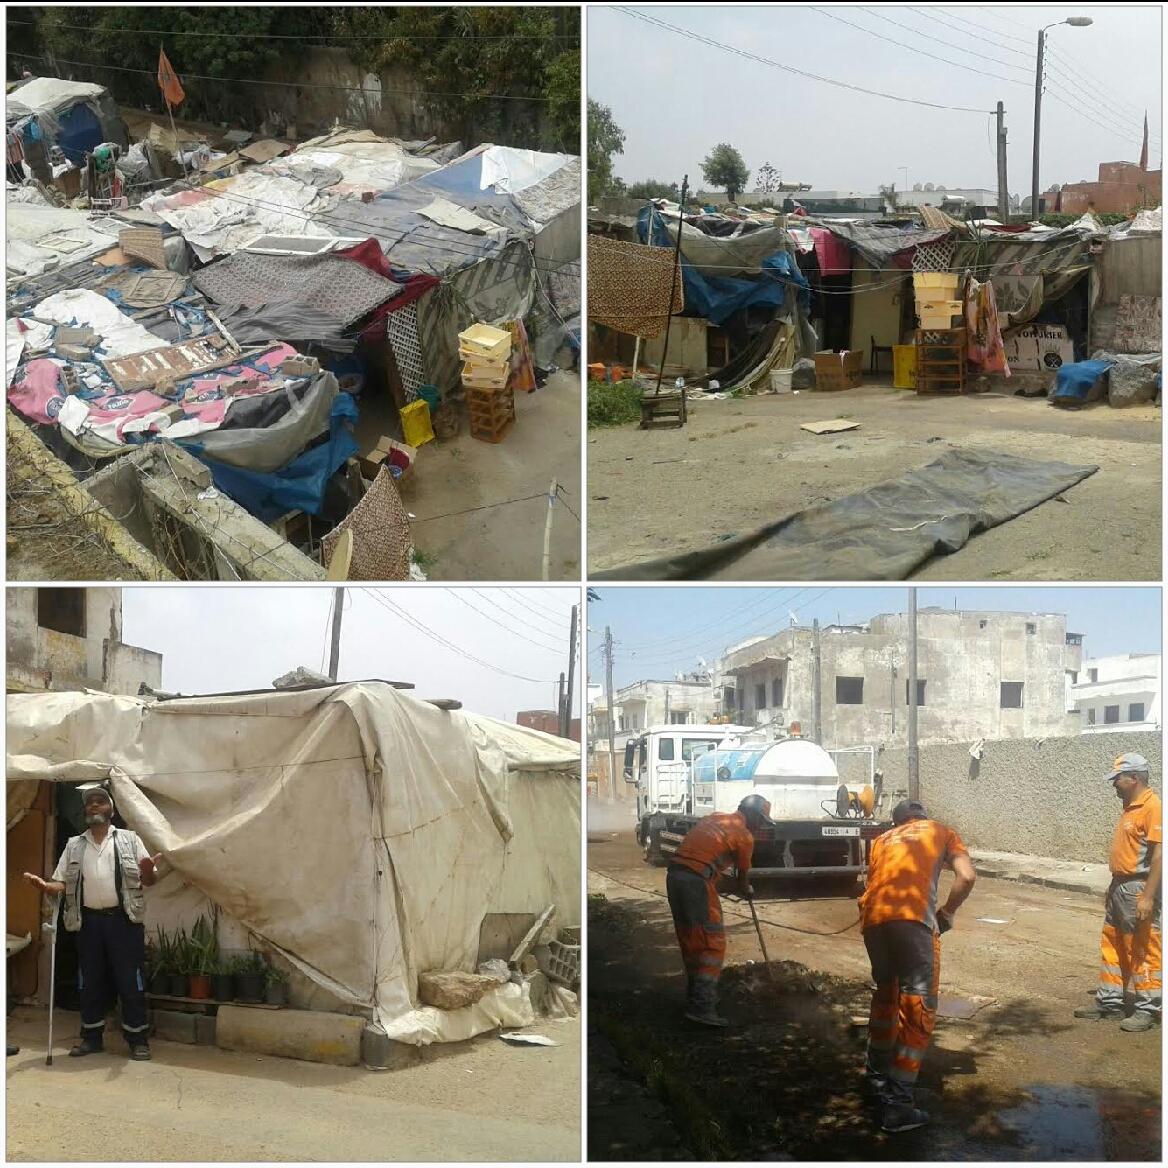 عمالة مقاطعات الدار البيضاء –آنفا  تحرر زنقة علي بن حرازم بحي لوبيز بوركون+الصور